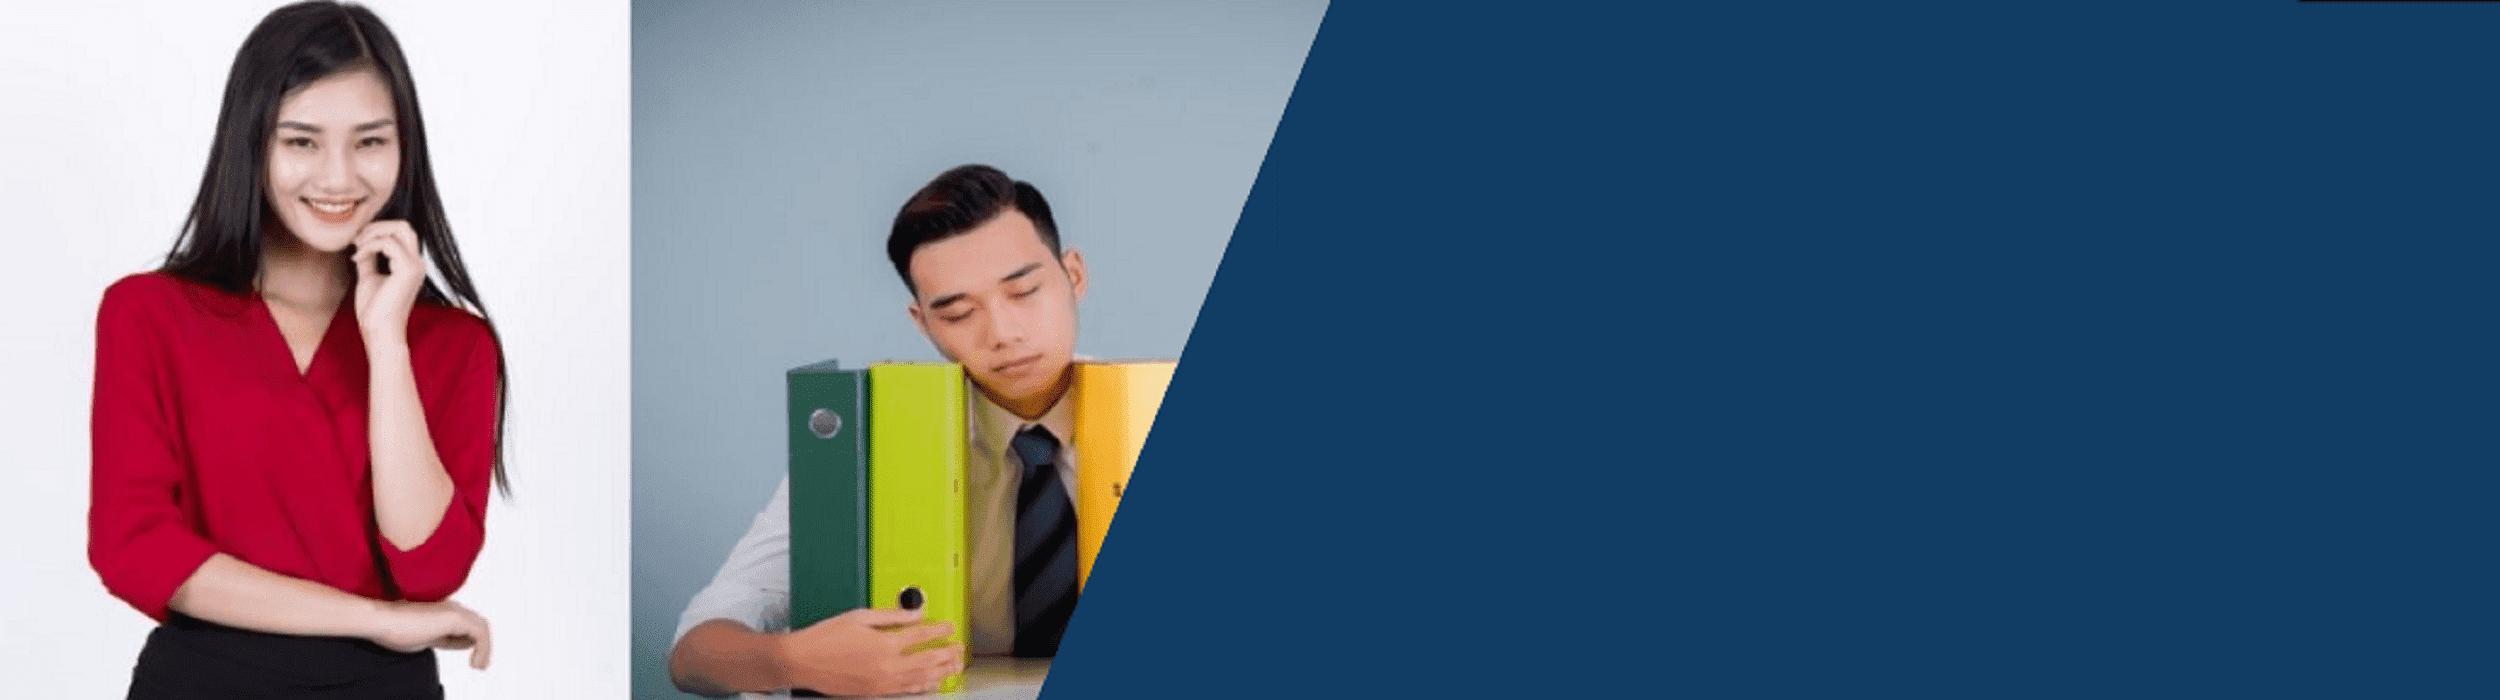 Обзор отношений по японским визам для трудоустройства